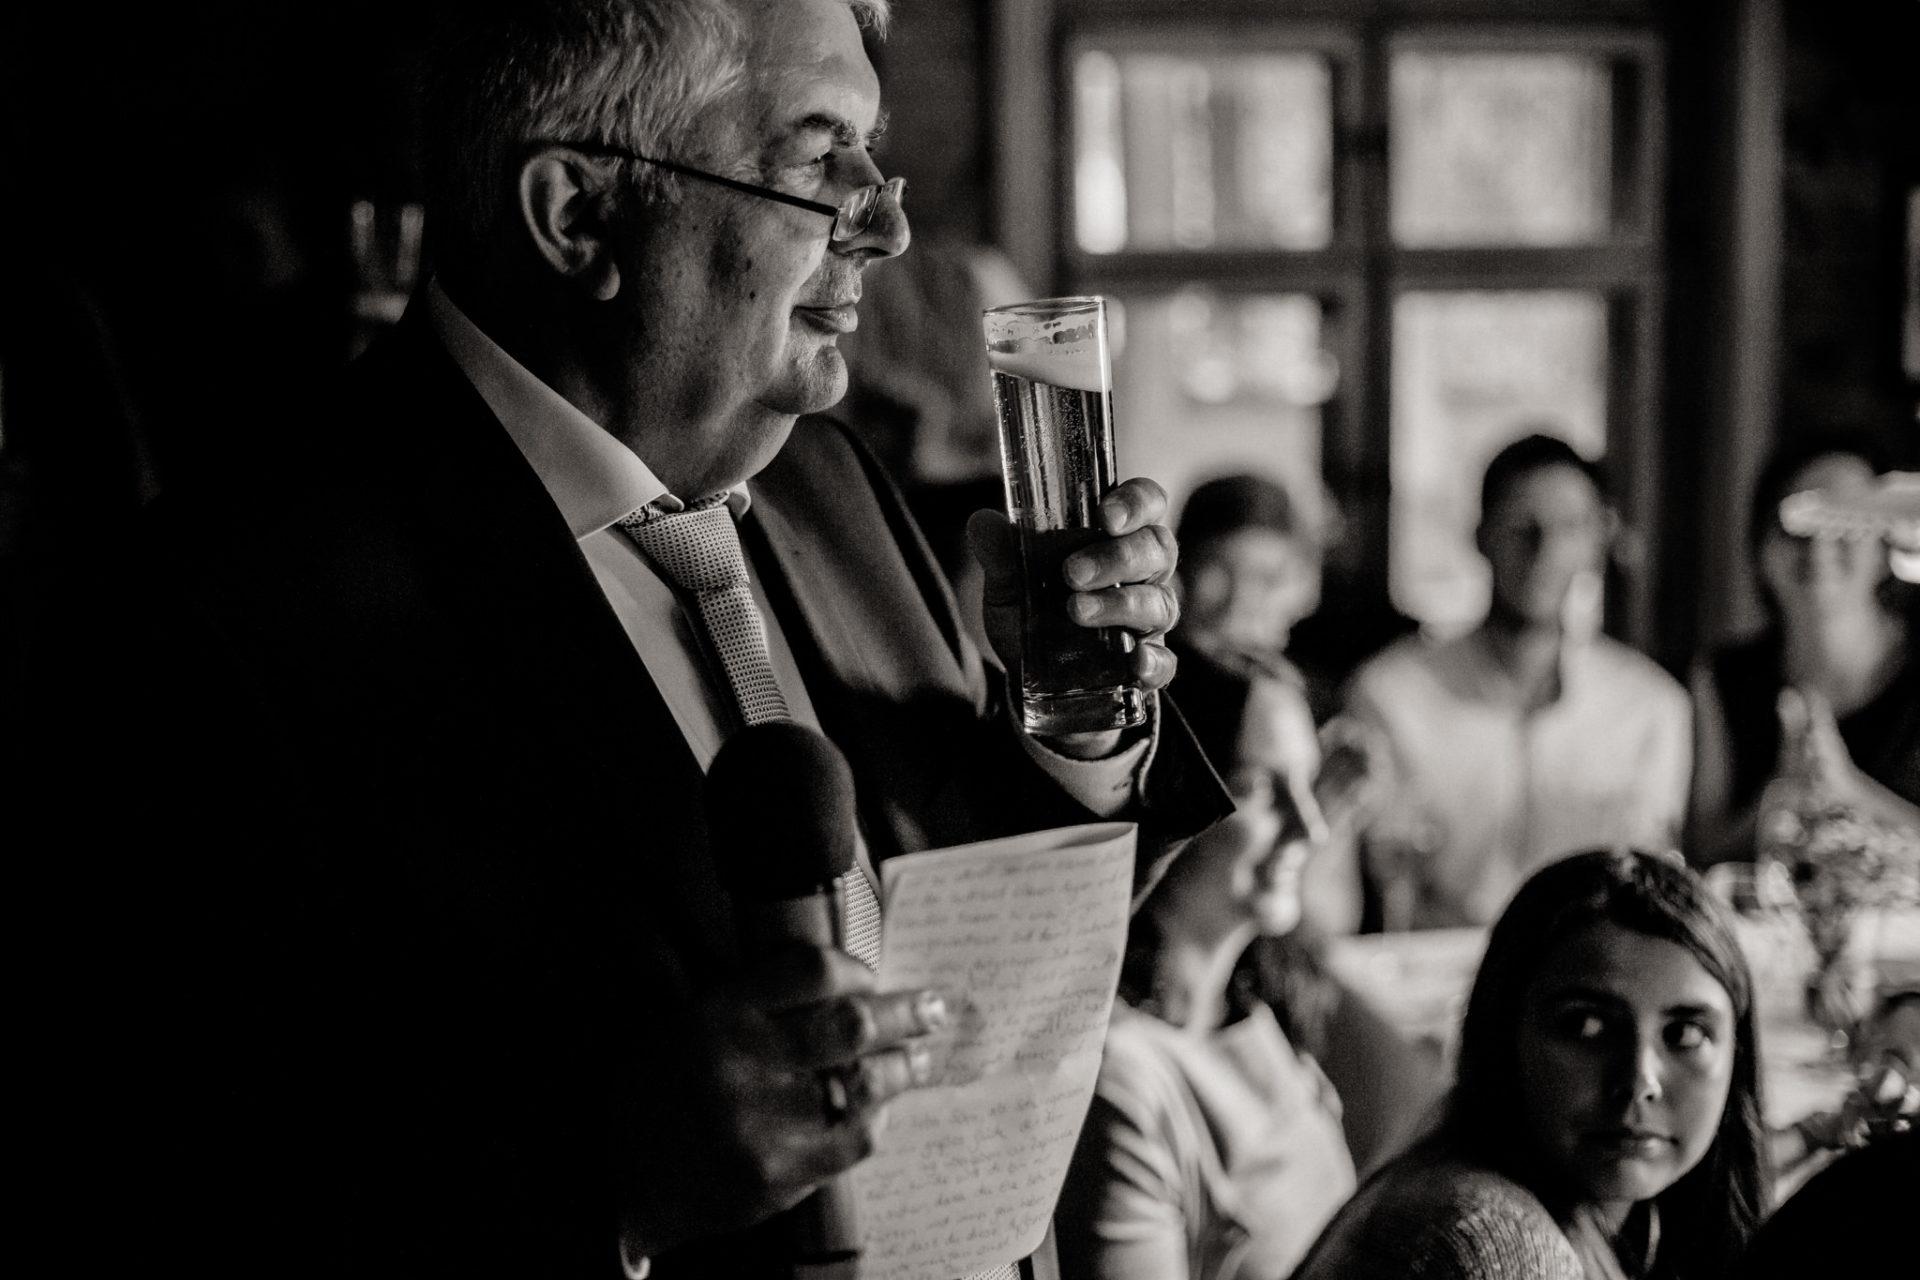 Hochzeitsfotograf Vorarlberg Millruette-Hüttenhochzeit-rede brautvater